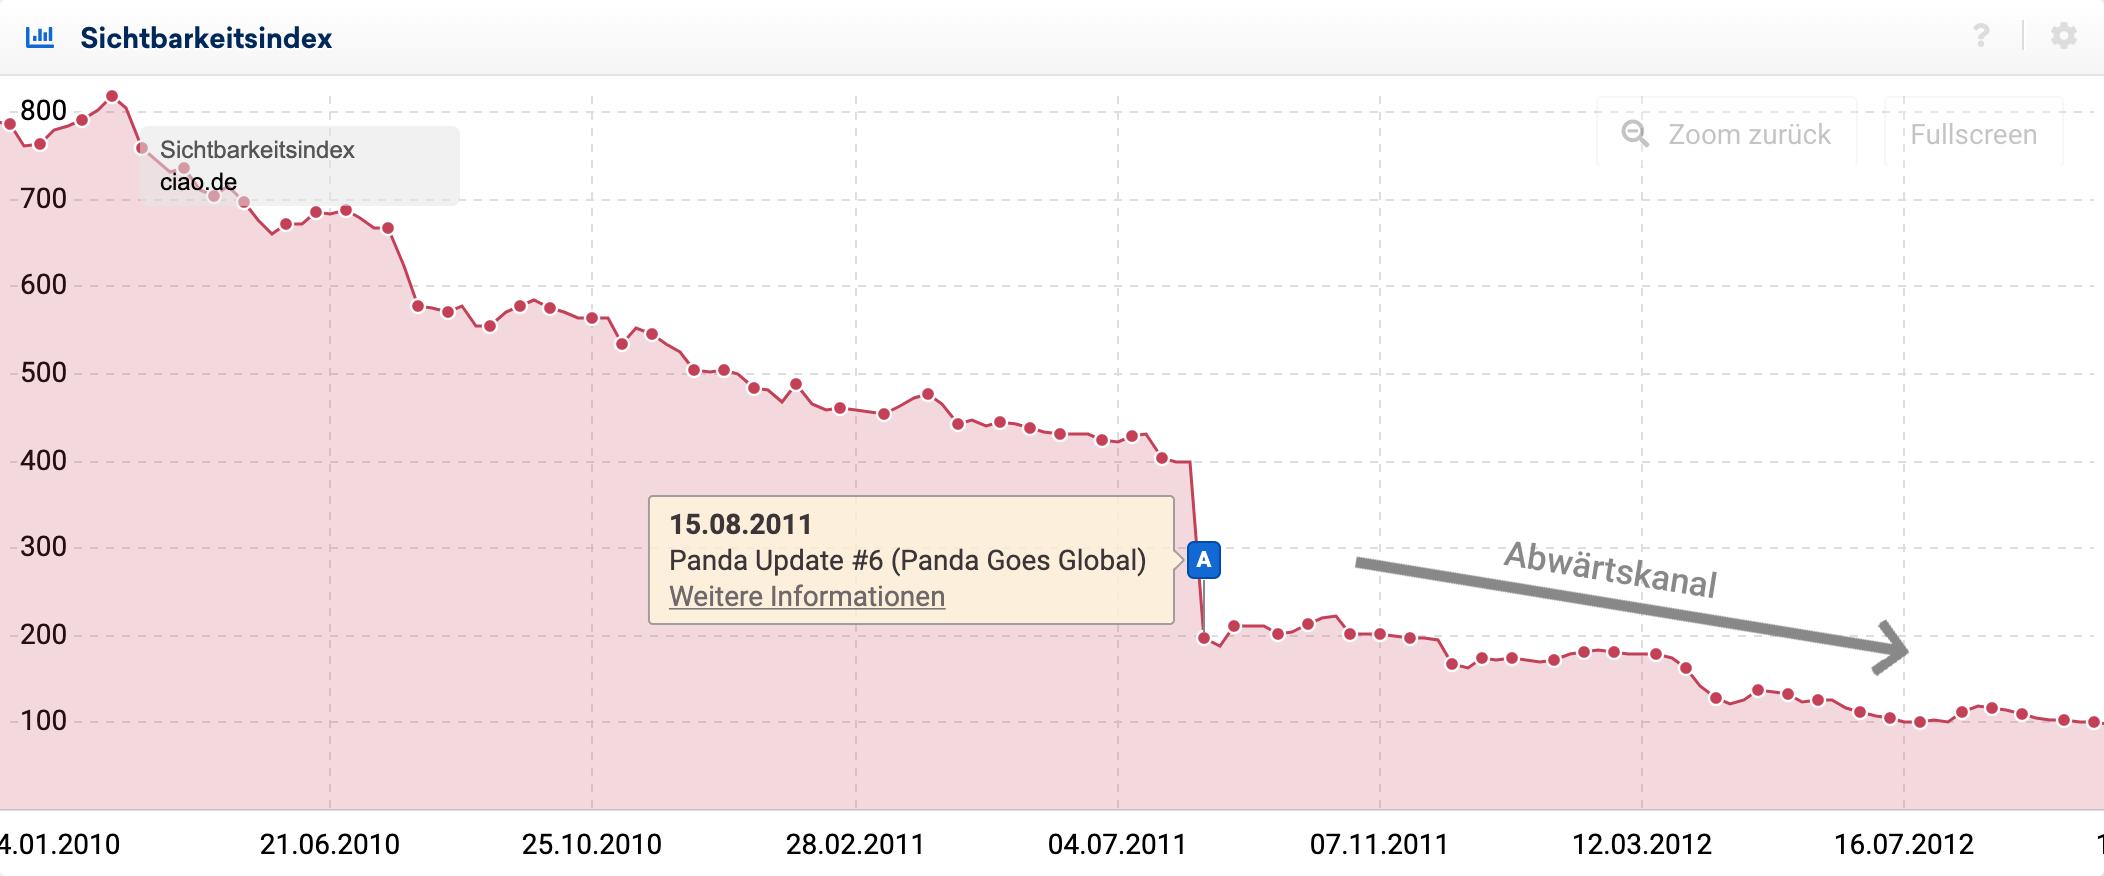 Sichtbarkeitsverlauf für ciao.de um das Panda Update #6 in 2011. Der Sichtbarkeitsindex hat einen Abwärtskanal nach dem Update.